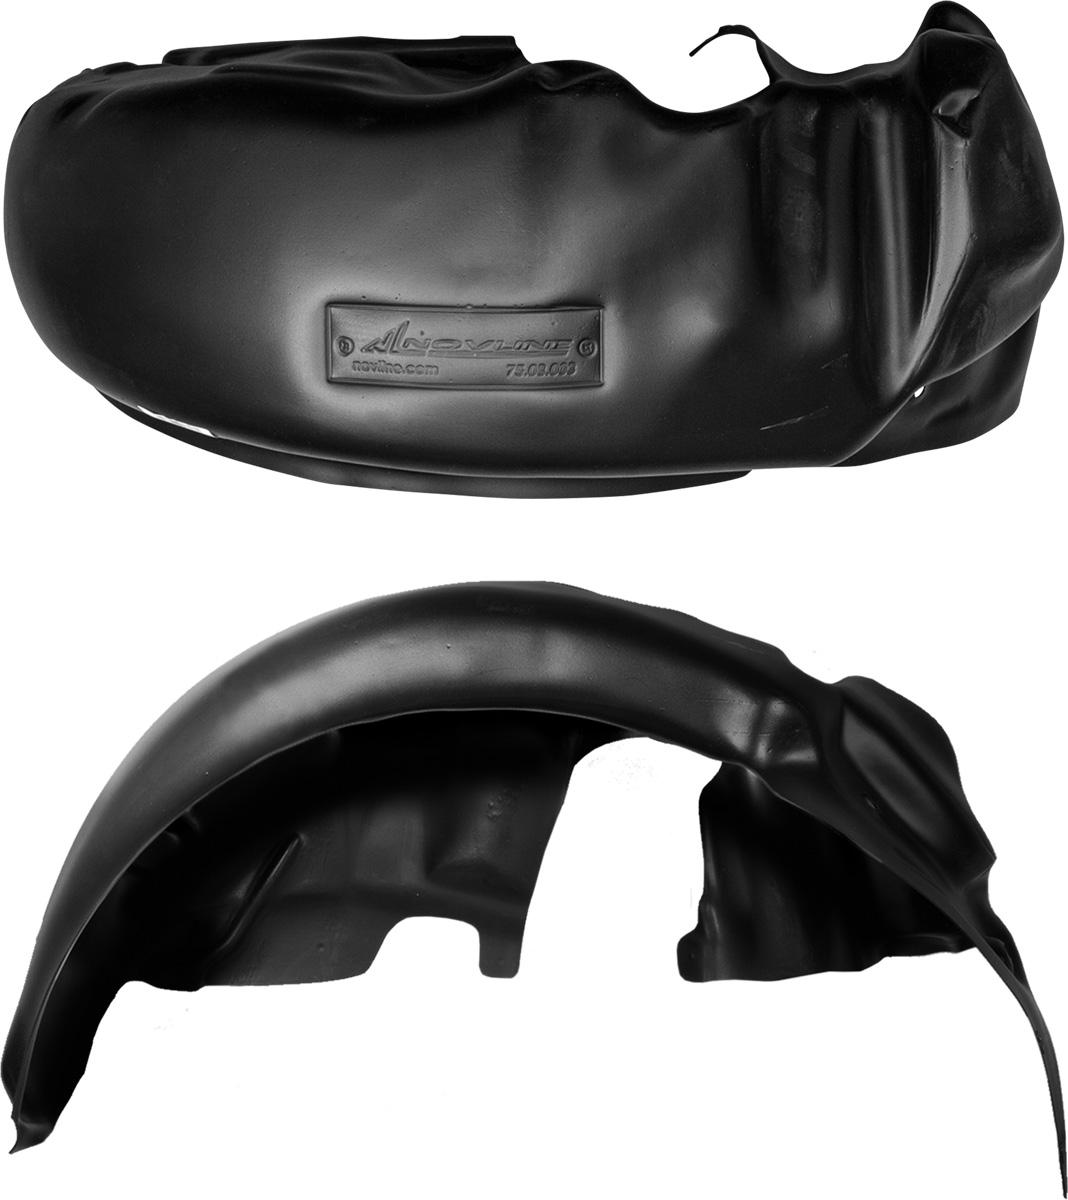 Подкрылок Novline-Autofamily, для Renault Sandero Stepway, 11/2014->, хэтчбек, задний левыйNLL.41.36.003Колесные ниши - одни из самых уязвимых зон днища вашего автомобиля. Они постоянно подвергаются воздействию со стороны дороги. Лучшая, почти абсолютная защита для них - специально отформованные пластиковые кожухи, которые называются подкрылками. Производятся они как для отечественных моделей автомобилей, так и для иномарок. Подкрылки Novline-Autofamily выполнены из высококачественного, экологически чистого пластика. Обеспечивают надежную защиту кузова автомобиля от пескоструйного эффекта и негативного влияния, агрессивных антигололедных реагентов. Пластик обладает более низкой теплопроводностью, чем металл, поэтому в зимний период эксплуатации использование пластиковых подкрылков позволяет лучше защитить колесные ниши от налипания снега и образования наледи. Оригинальность конструкции подчеркивает элегантность автомобиля, бережно защищает нанесенное на днище кузова антикоррозийное покрытие и позволяет осуществить крепление подкрылков внутри колесной арки практически без дополнительного крепежа и сверления, не нарушая при этом лакокрасочного покрытия, что предотвращает возникновение новых очагов коррозии. Подкрылки долговечны, обладают высокой прочностью и сохраняют заданную форму, а также все свои физико-механические характеристики в самых тяжелых климатических условиях (от -50°С до +50°С).Уважаемые клиенты!Обращаем ваше внимание, на тот факт, что подкрылок имеет форму, соответствующую модели данного автомобиля. Фото служит для визуального восприятия товара.